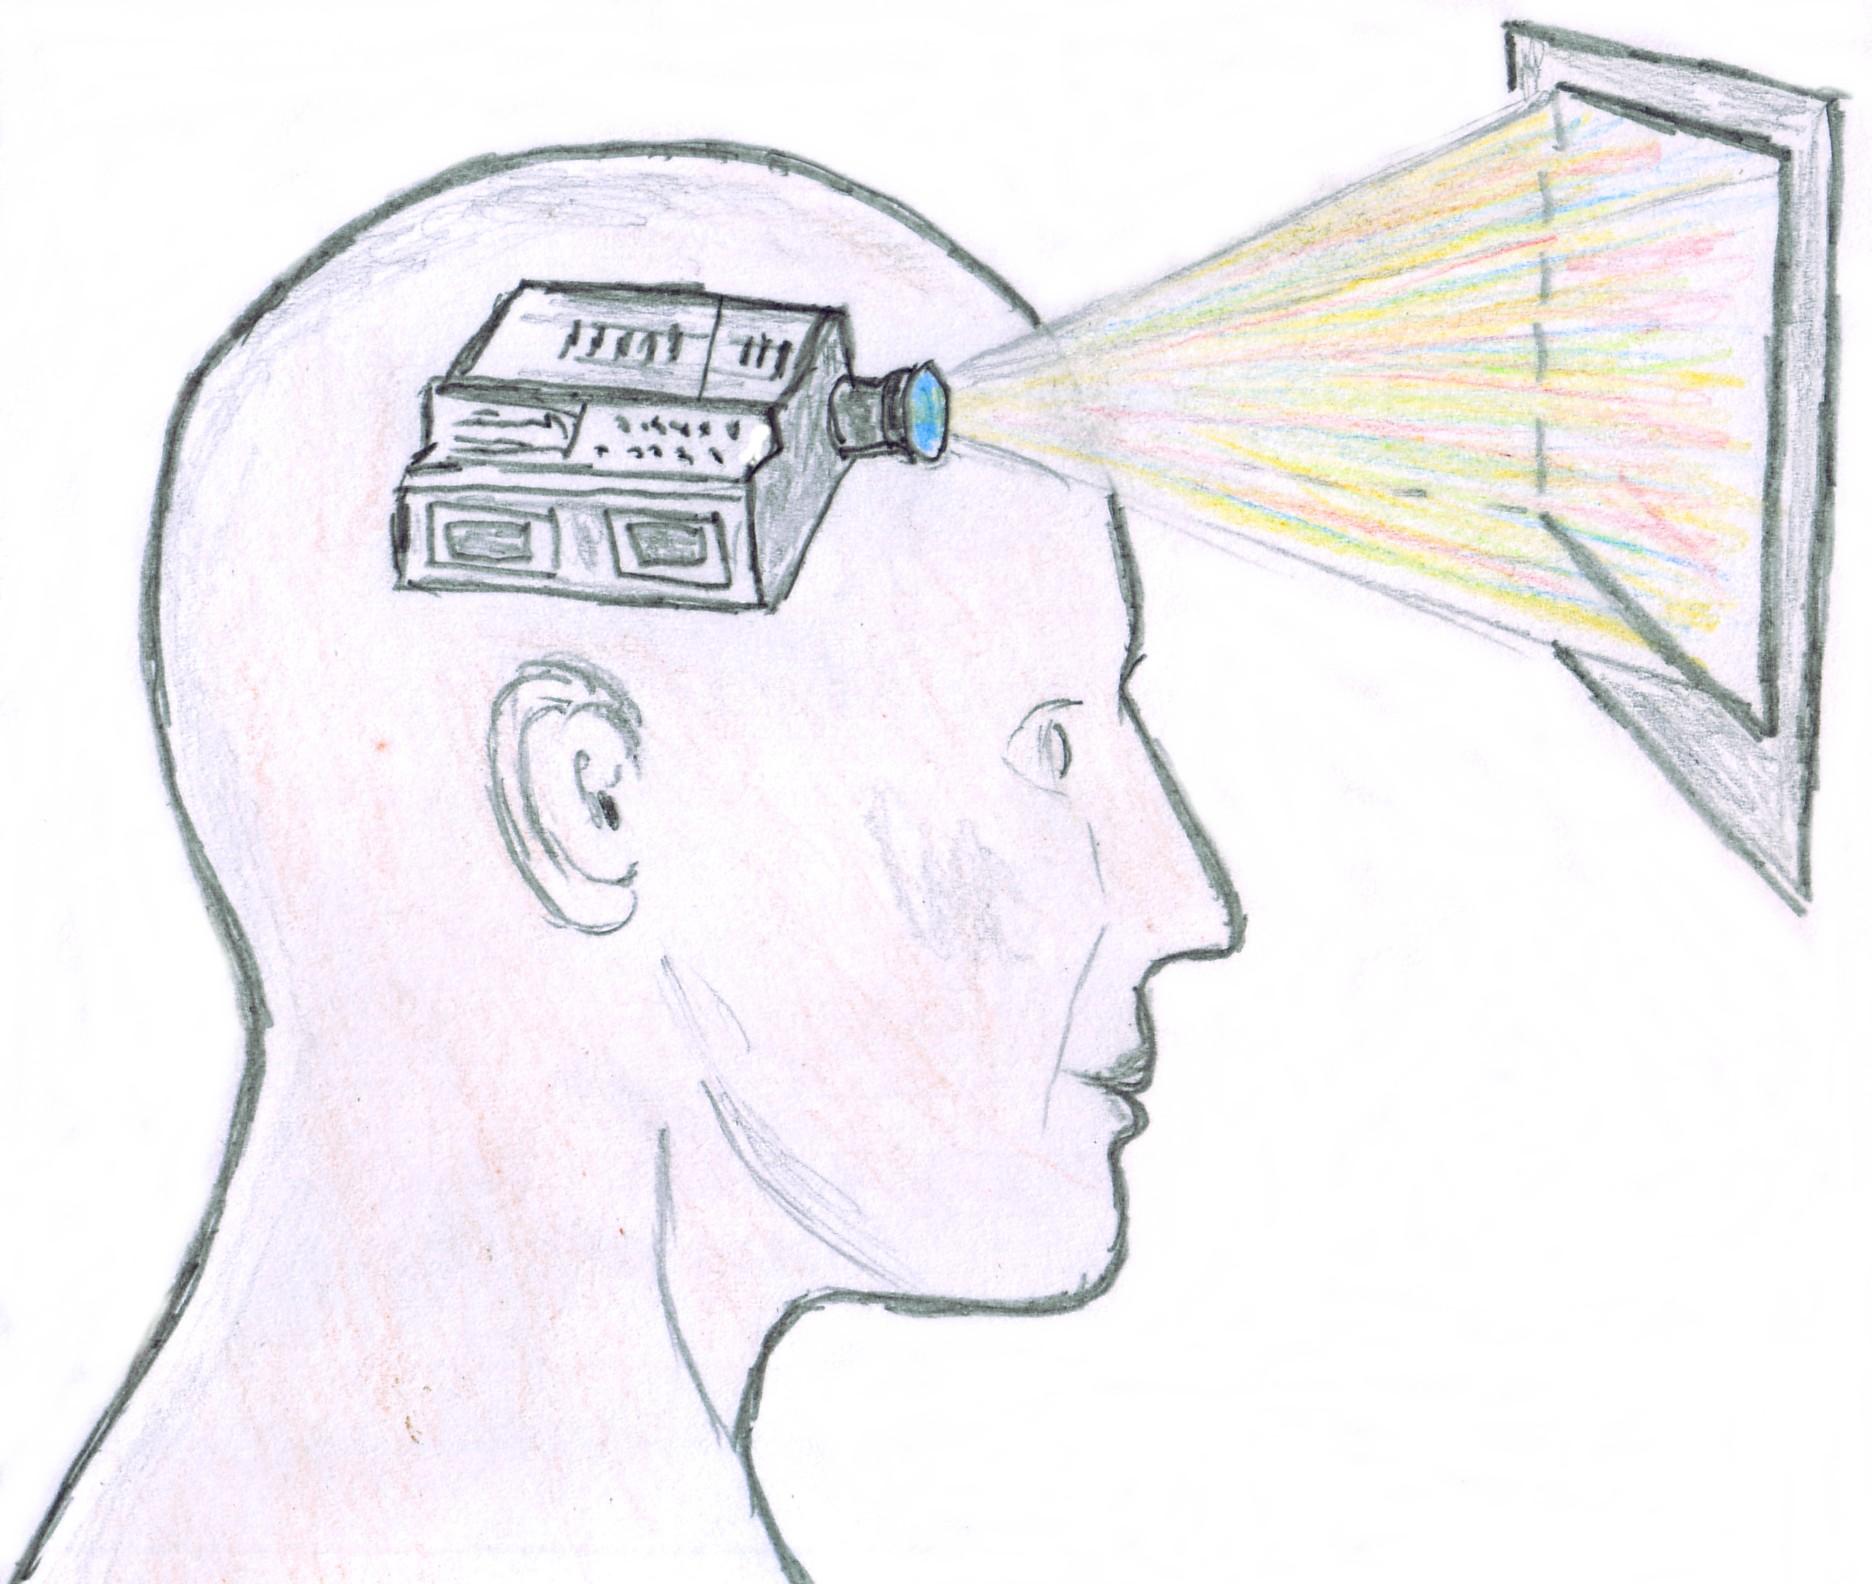 Grafische Darstellung zu Kopfkino